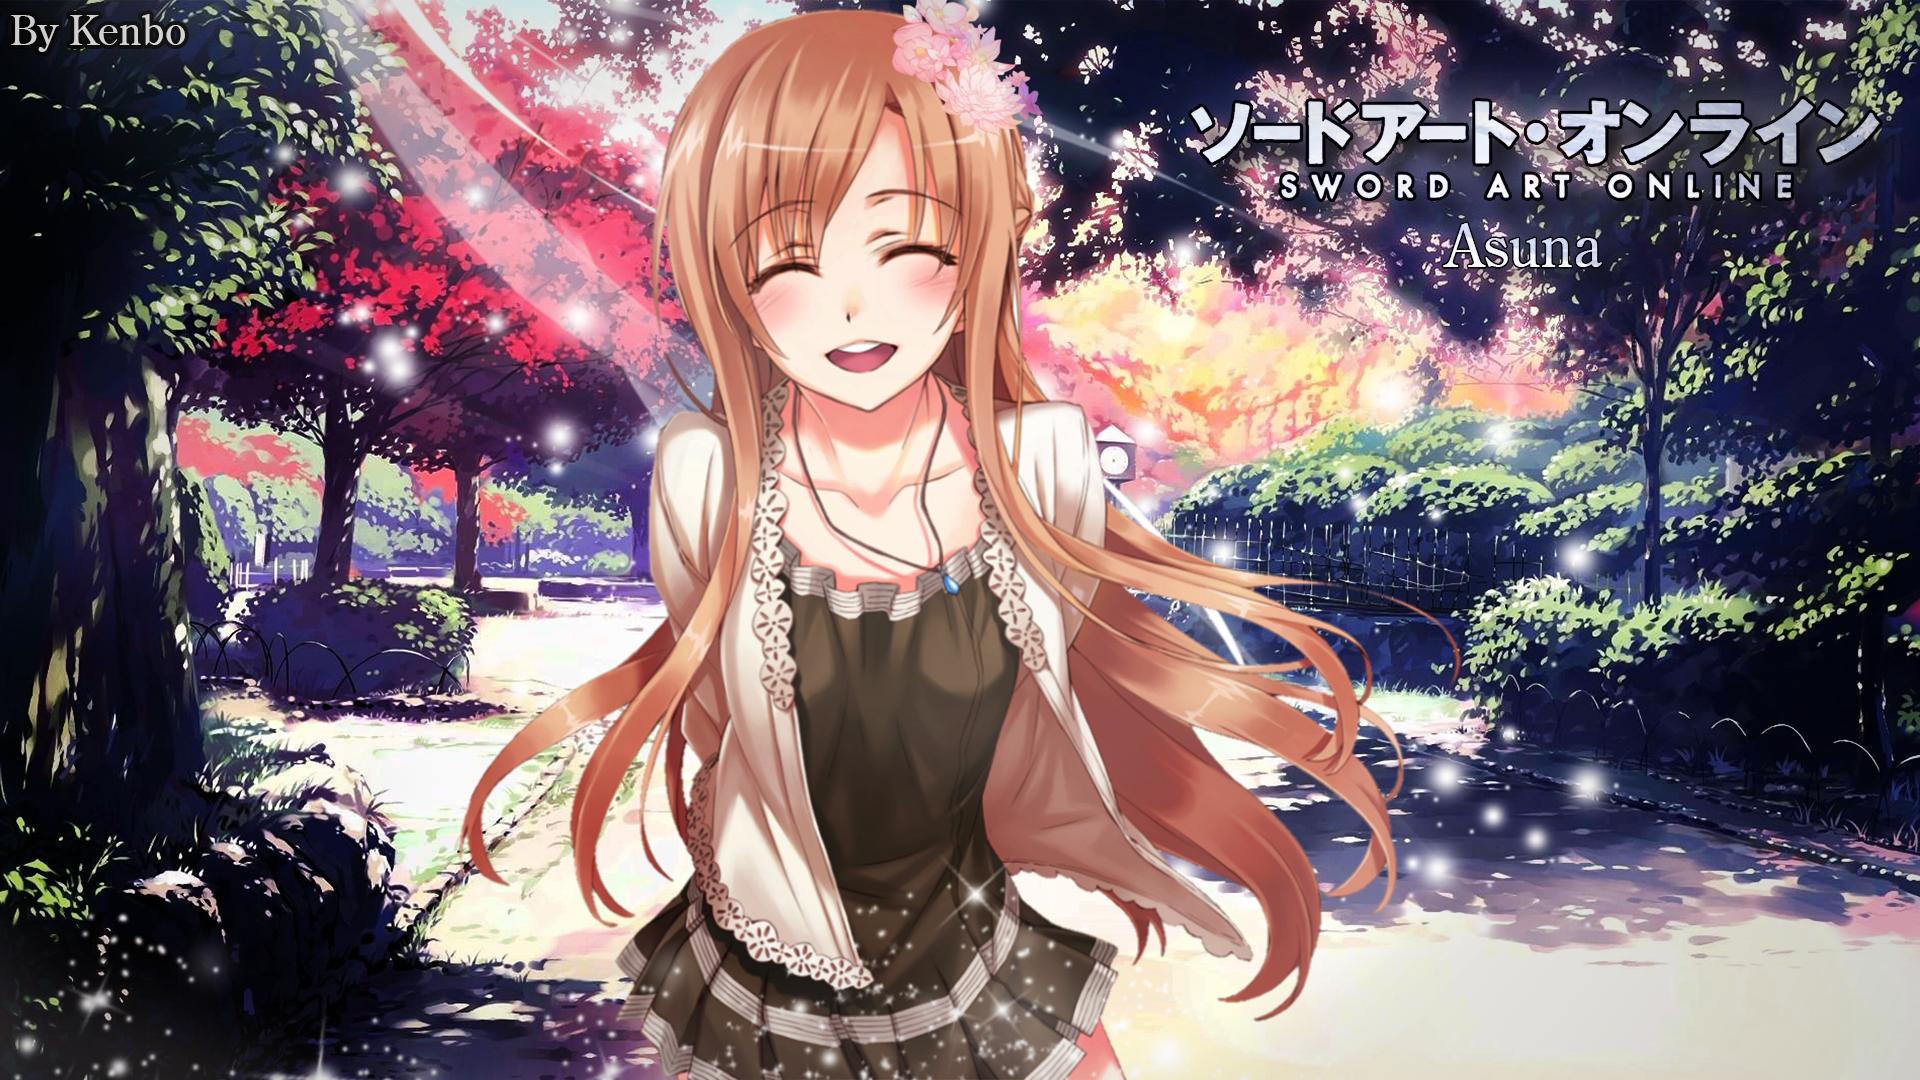 Wallpaper Anime Girls Novels Novel Sword Art Online